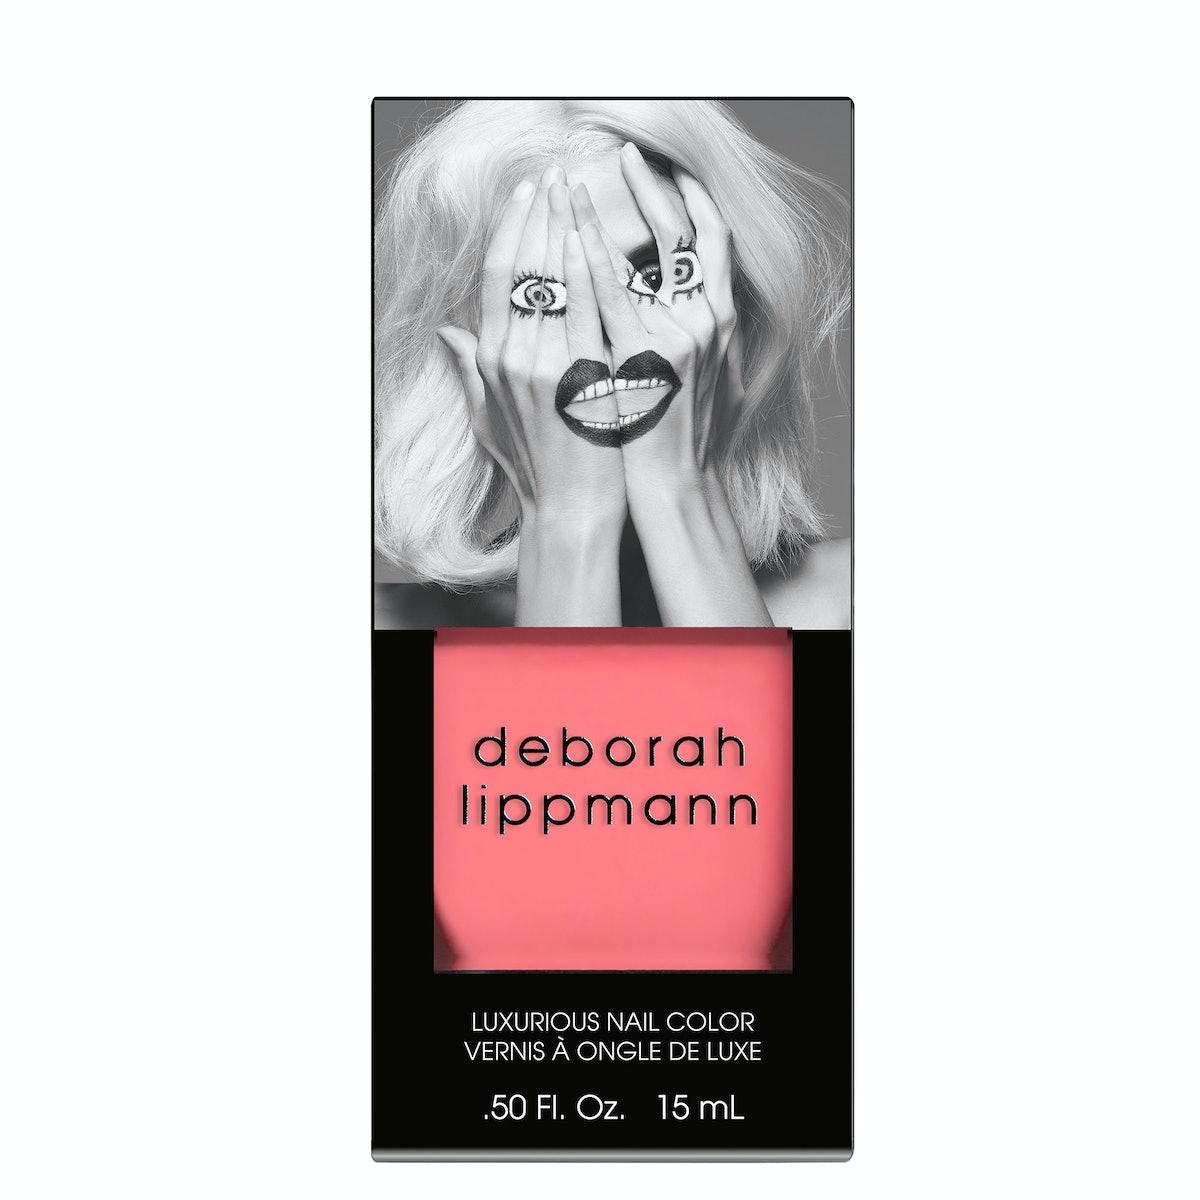 Deborah Lippmann x Inez van Lamsweerde Nail Polish